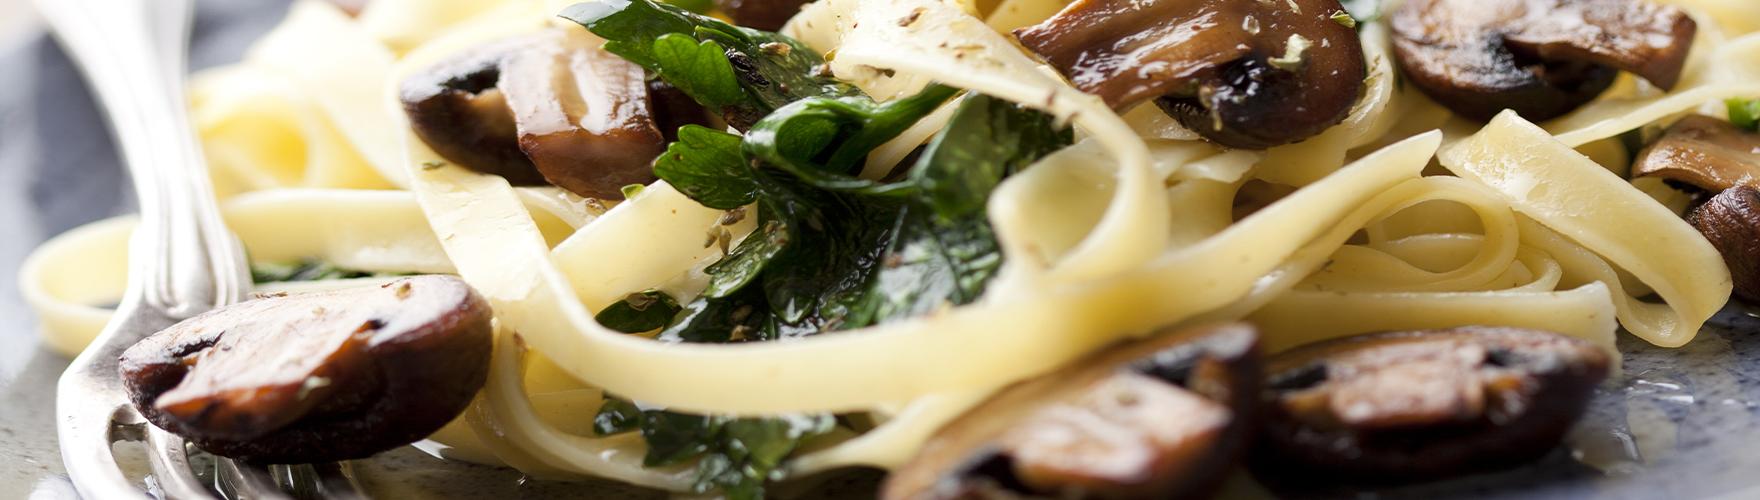 Pappardelle tészta gombával és ERU à la Truffe sajttal